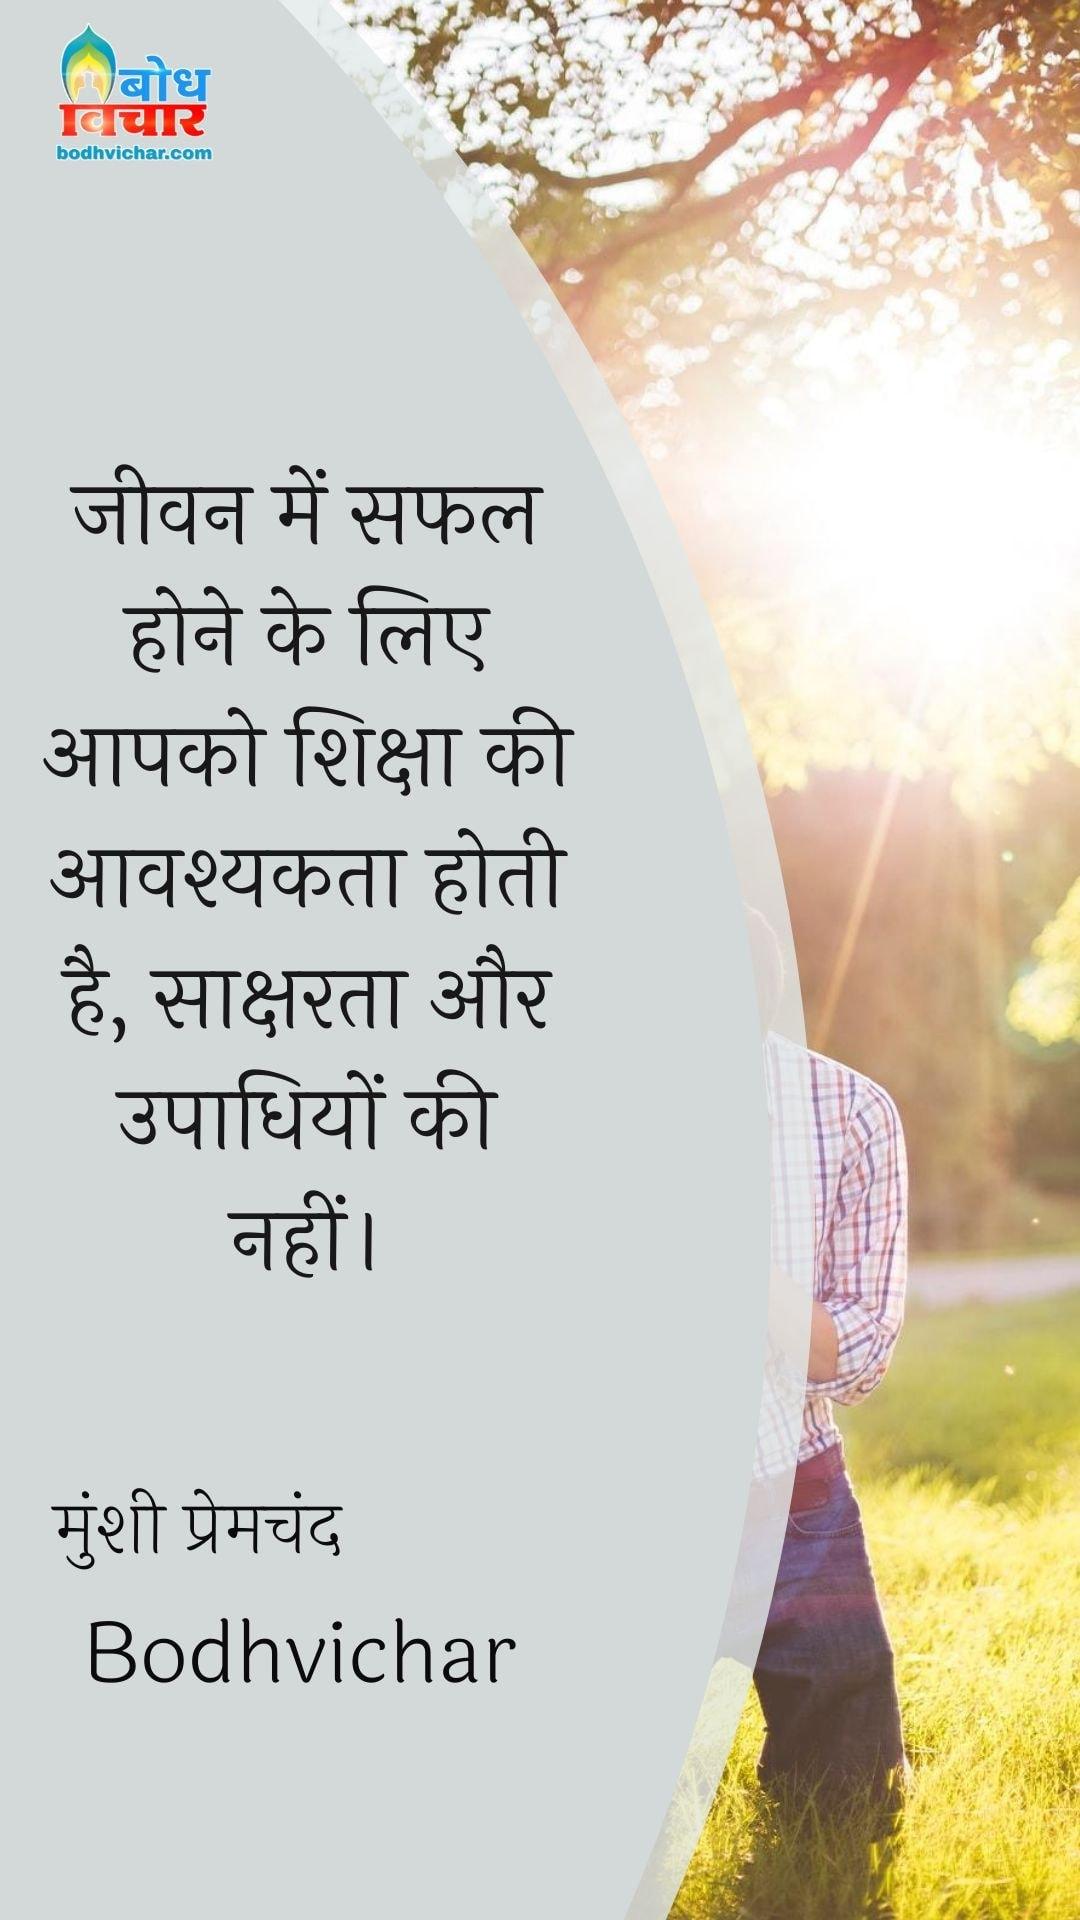 जीवन में सफल होने के लिए आपको शिक्षा की आवश्यकता होती है, साक्षरता और उपाधियों की नहीं। : Jeevan me safal hone ke liye aapko shiksha ki aavshyakta hoti hai, saaksharta aur upaadhiyon ki nahi. - मुंशी प्रेमचंद